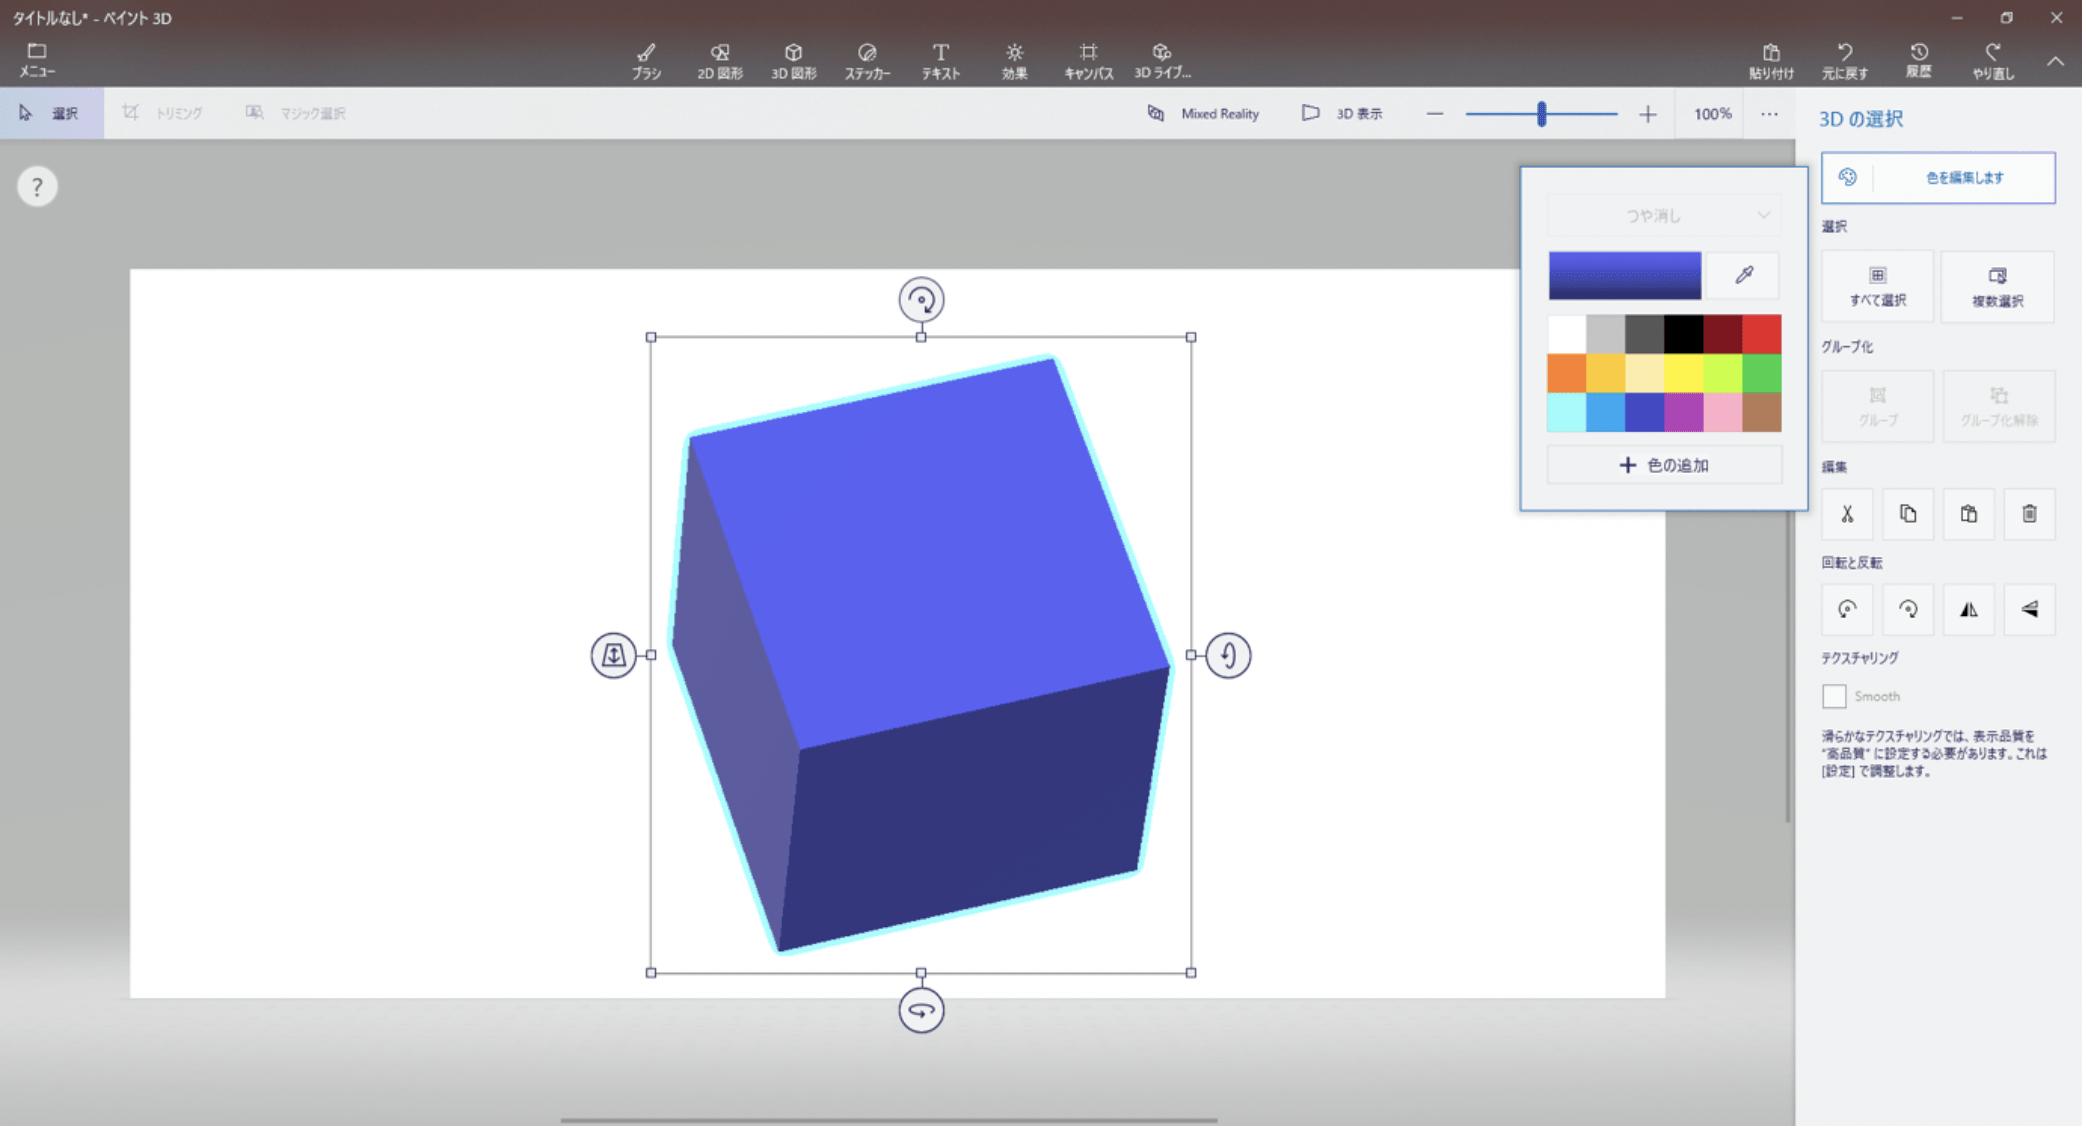 ペイント3D上での立方体の表示